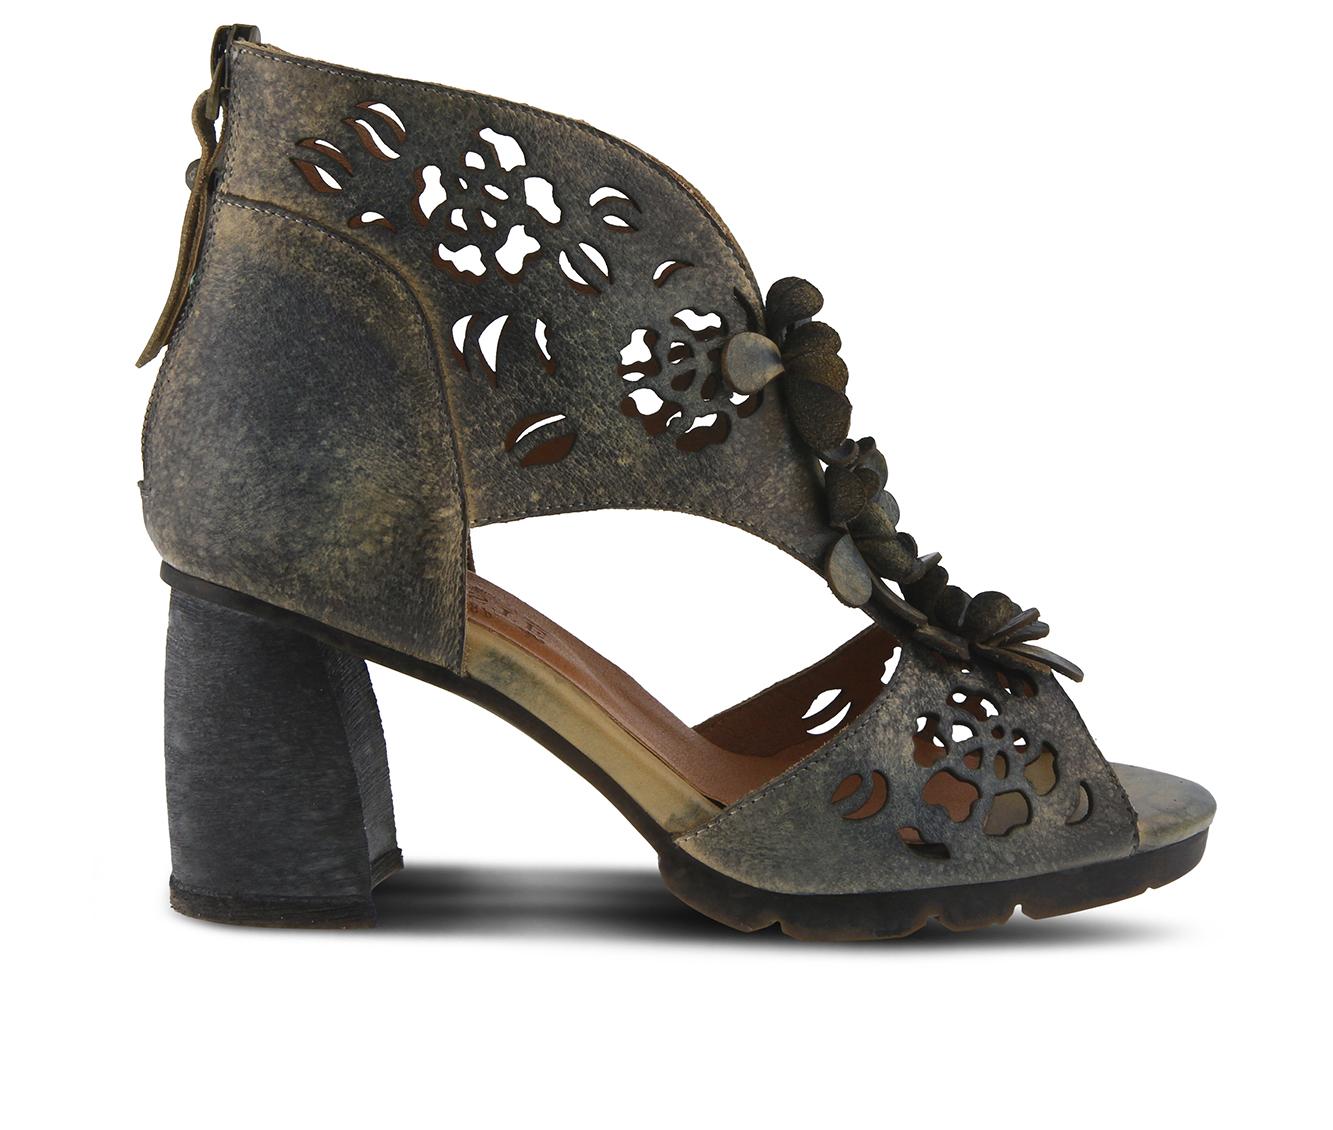 L'Artiste Marieloves Women's Dress Shoe (Blue Leather)